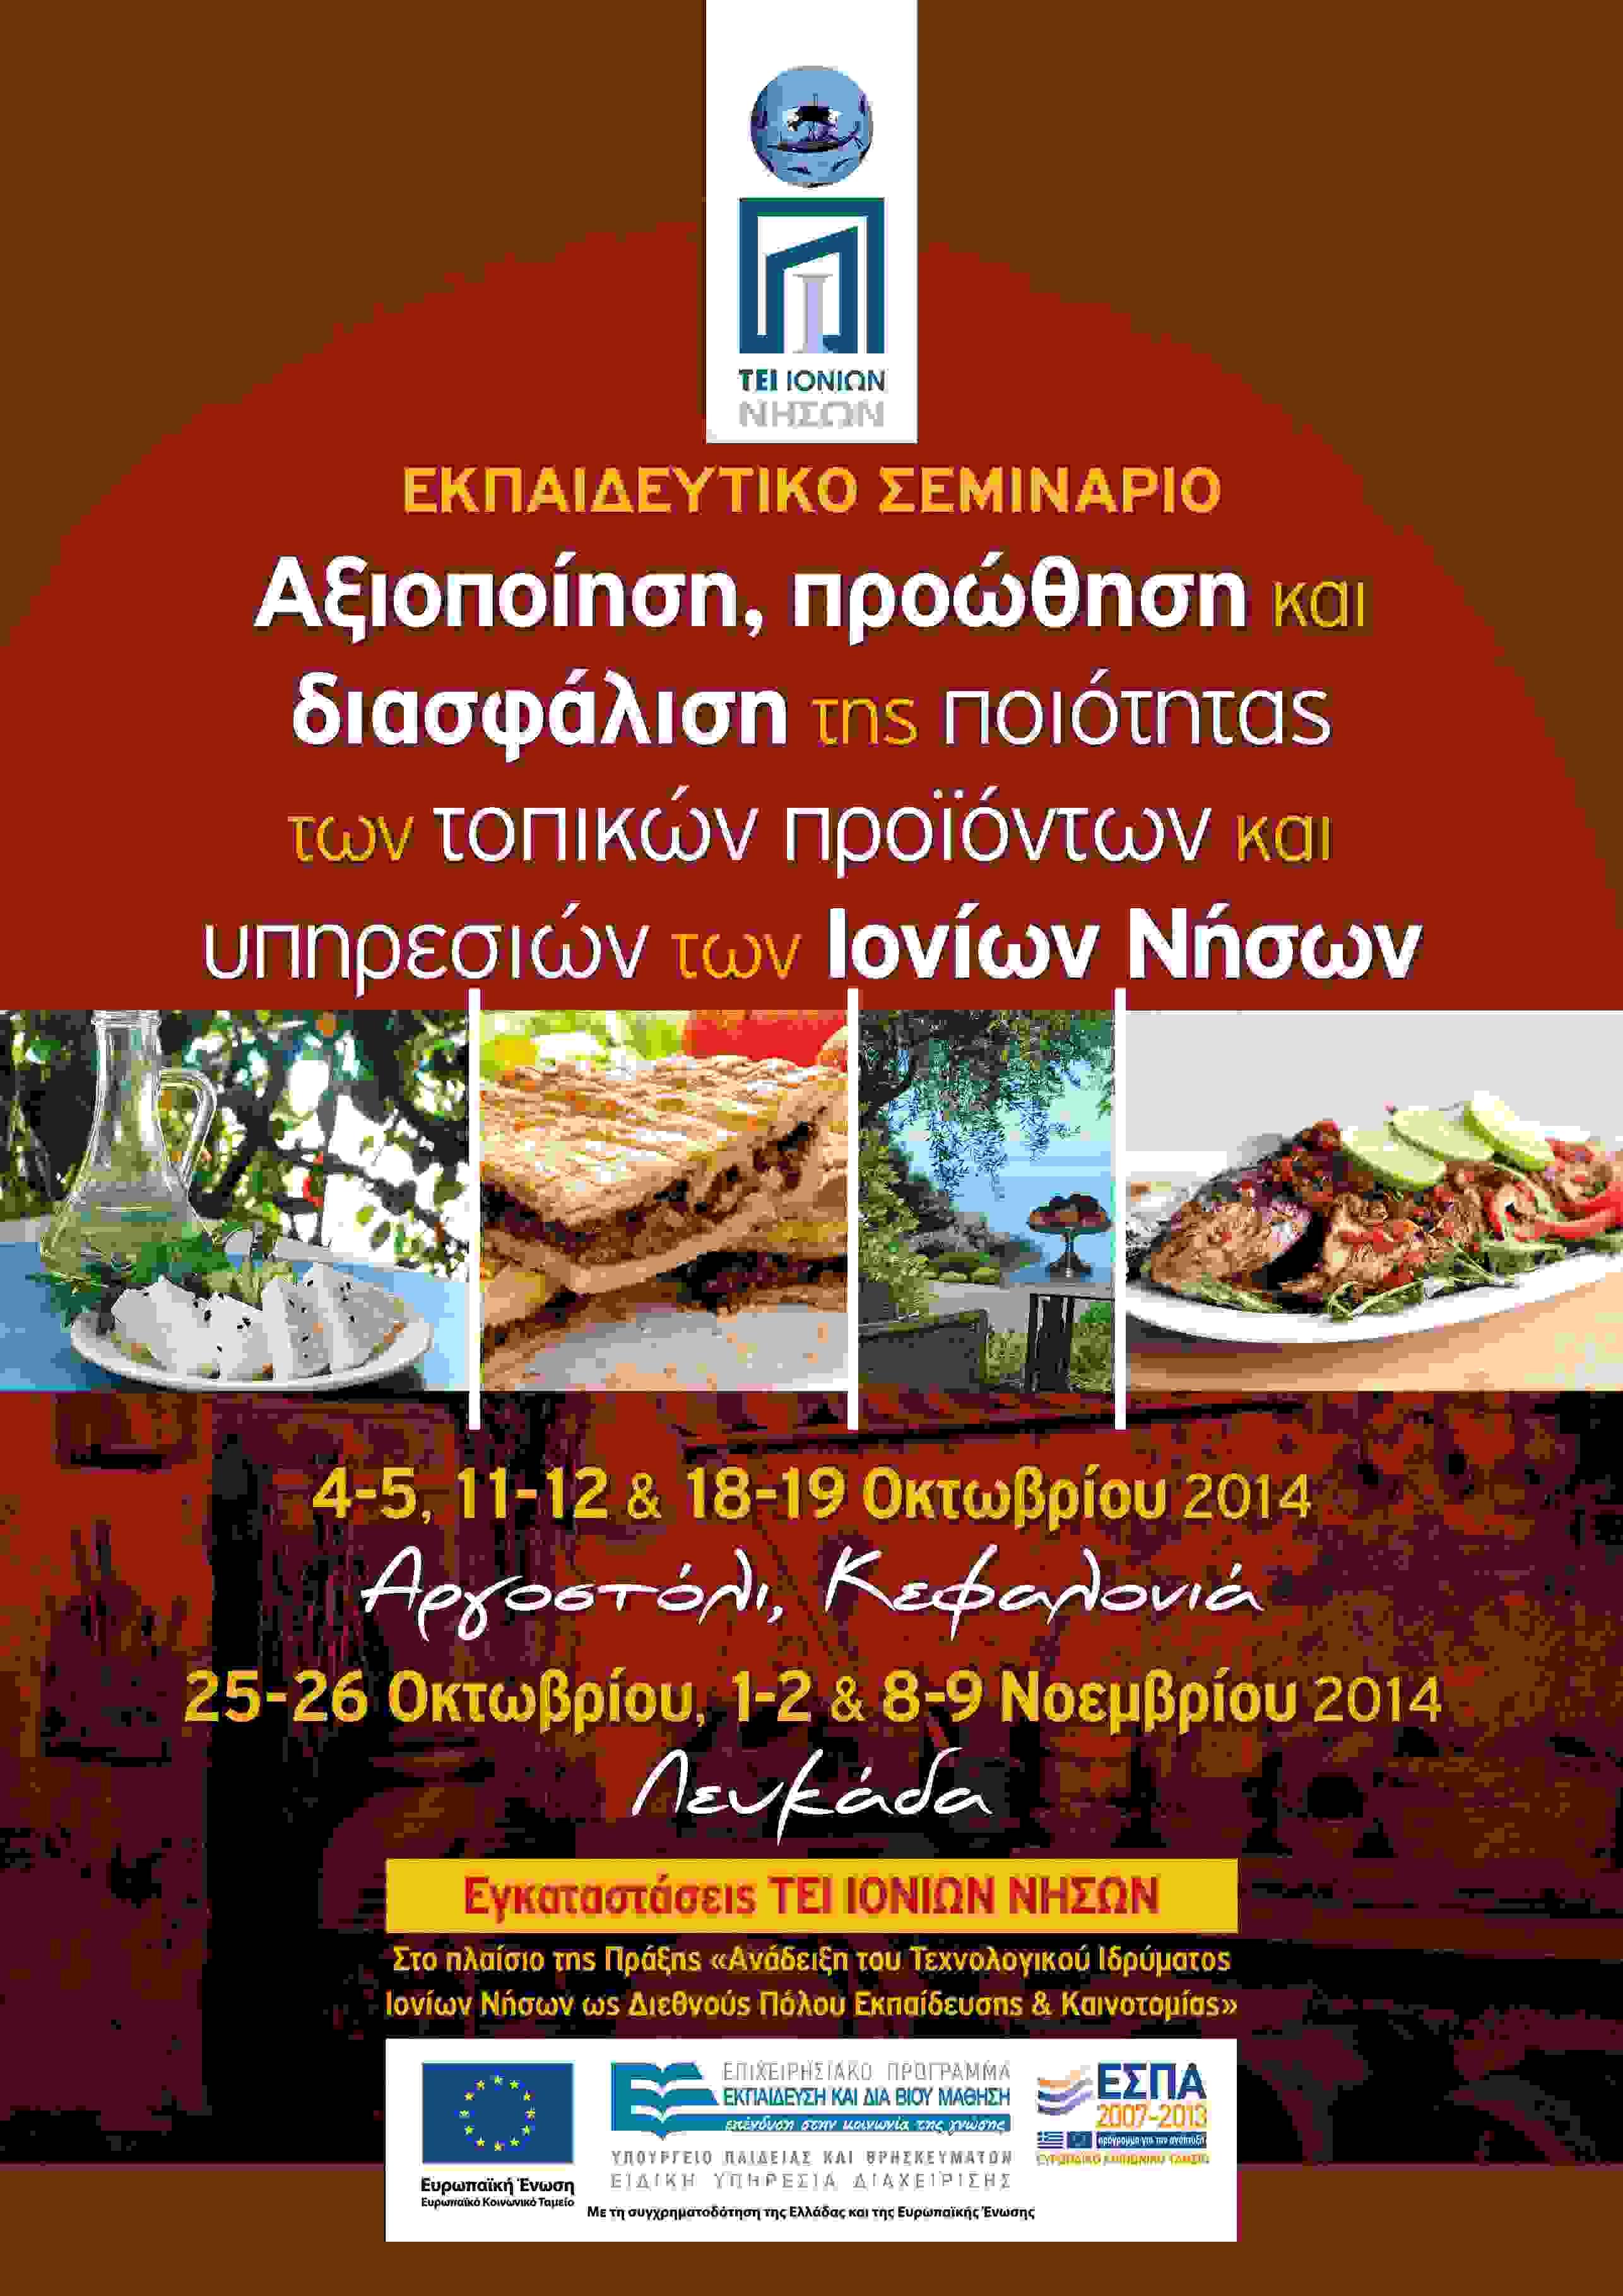 Σεμινάριο για την ποιότητα των τοπικών προϊόντων  και υπηρεσιών των Ιονίων Νήσων